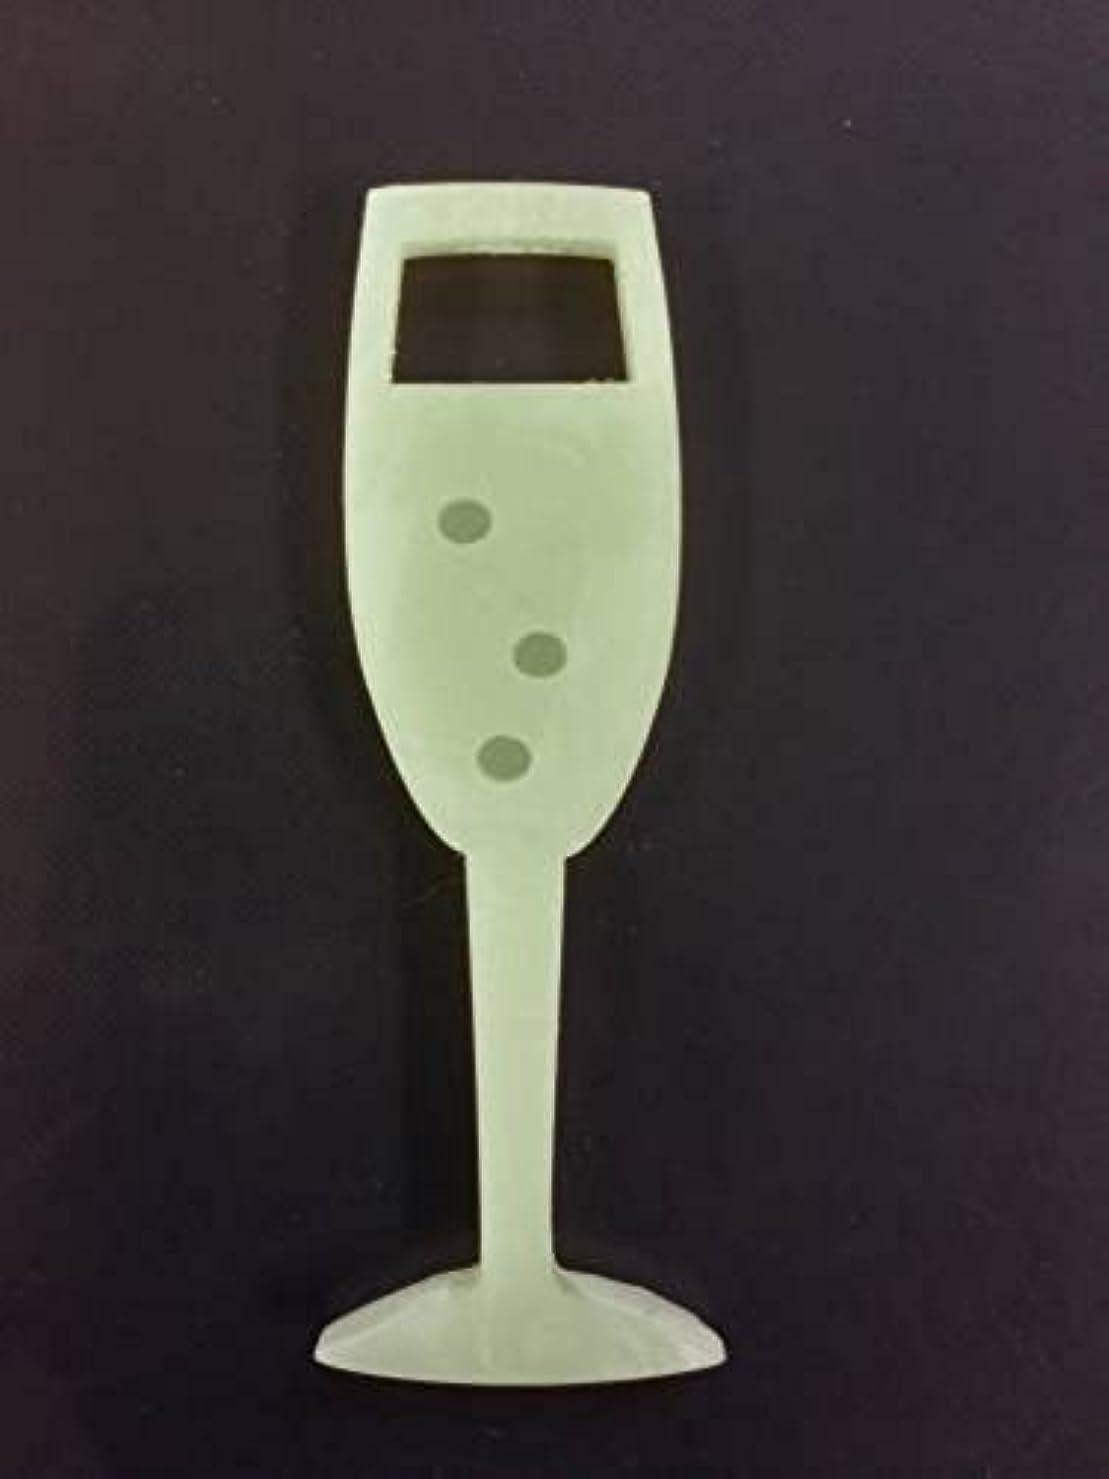 くつろぎ好色な倫理GRASSE TOKYO AROMATICWAXチャーム「シャンパングラス」(GR) レモングラス アロマティックワックス グラーストウキョウ